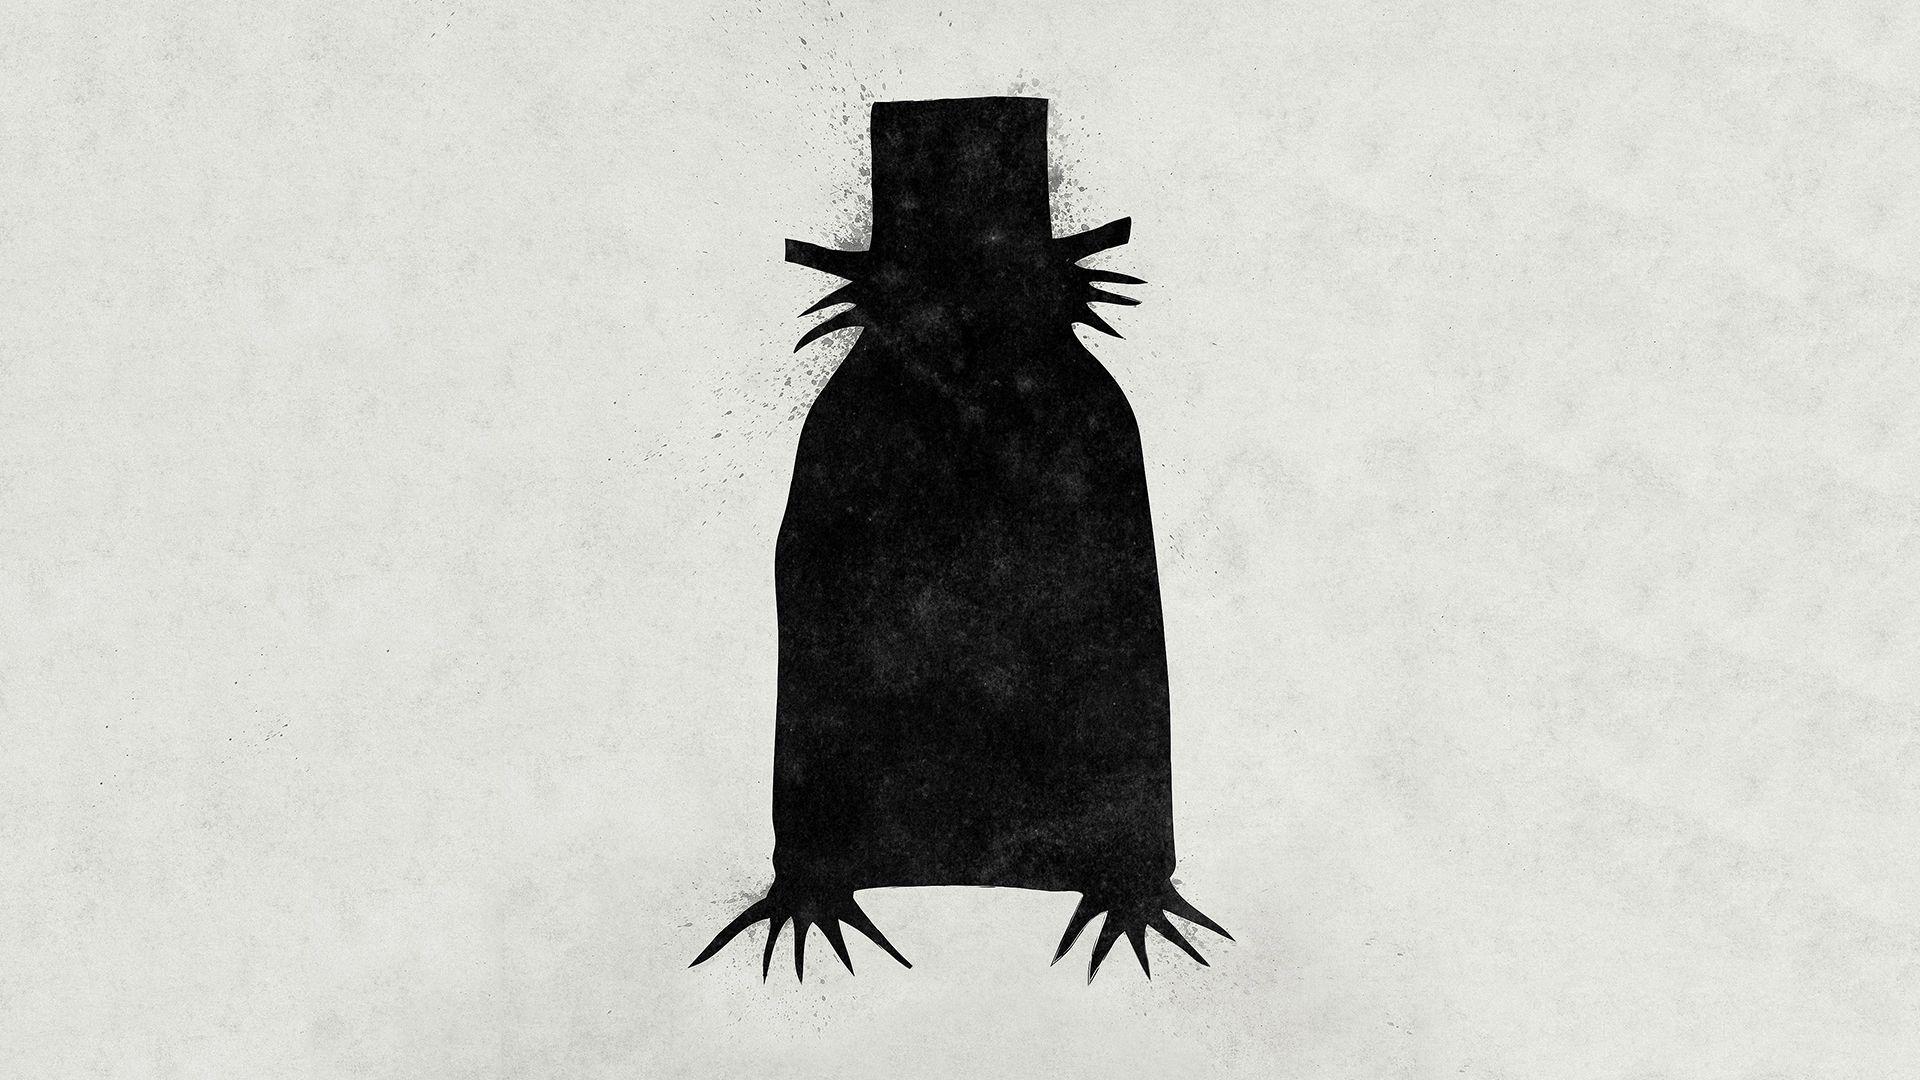 Znalezione obrazy dla zapytania babadook 1920x1080